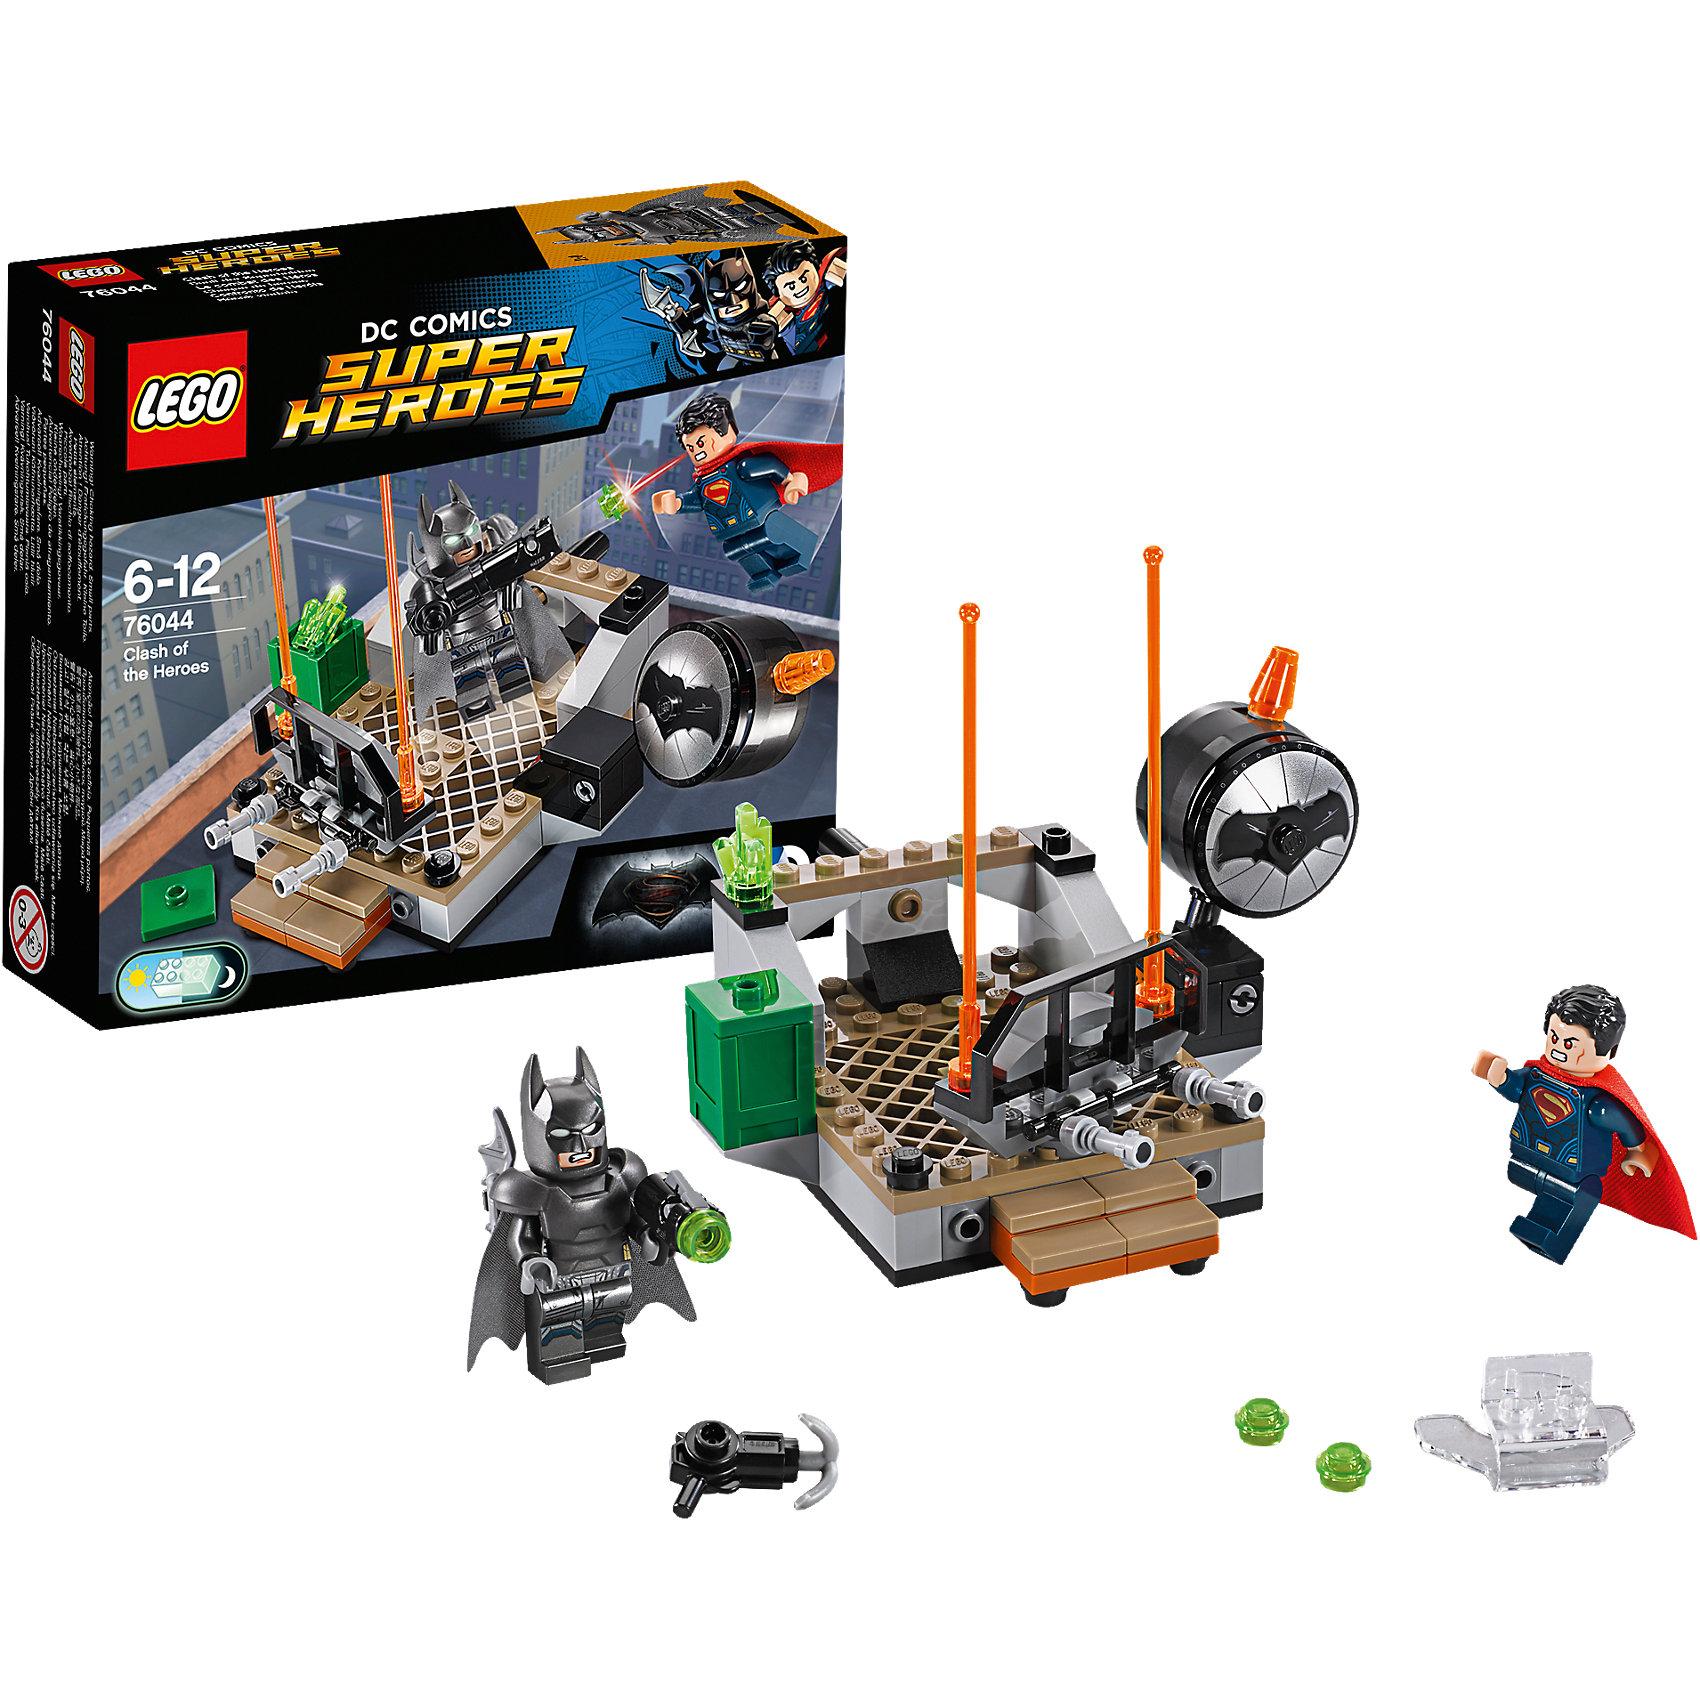 LEGO Super Heroes 76044: Битва супергероевУ Бэтмена в костюме-броне есть светящиеся в темноте глаза, и он любит пострелять из своей базуки. Круши барьеры с помощью суперджампера Супермена и взрывай Бэтсигнал. Но будь осторожен: Бэтмен в костюме-броне может пуститься с крыши в любой момент! Кто одержит победу в схватке героев? Только тебе решать!<br><br>LEGO Super Heroes (ЛЕГО Супер Герои) - серия конструкторов созданная специально по мотивам всеми известных комиксов. Спасай мир и борись со злом вместе с любимыми супергероями! Наборы серии можно комбинировать между собой, давая безграничные просторы для фантазии и придумывая свои новые истории. <br><br>Дополнительная информация:<br><br>- Конструкторы ЛЕГО развивают усидчивость, внимание, фантазию и мелкую моторику. <br>- 2 минифигурки в комплекте: Бэтмен, Супермен.<br>- В комплекте 2 минифигурки, аксессуары, суперджампер, бэтсигнал. <br>- Количество деталей: 92.<br>- Серия ЛЕГО Супер Герои (LEGO Super Heroes).<br>- Материал: пластик.<br>- Размер упаковки: 16х4,5х14 см.<br>- Вес: 0.14 кг.<br><br>Конструктор LEGO Super Heroes 76044: Битва супергероев можно купить в нашем магазине.<br><br>Ширина мм: 159<br>Глубина мм: 139<br>Высота мм: 48<br>Вес г: 133<br>Возраст от месяцев: 72<br>Возраст до месяцев: 144<br>Пол: Мужской<br>Возраст: Детский<br>SKU: 4259154